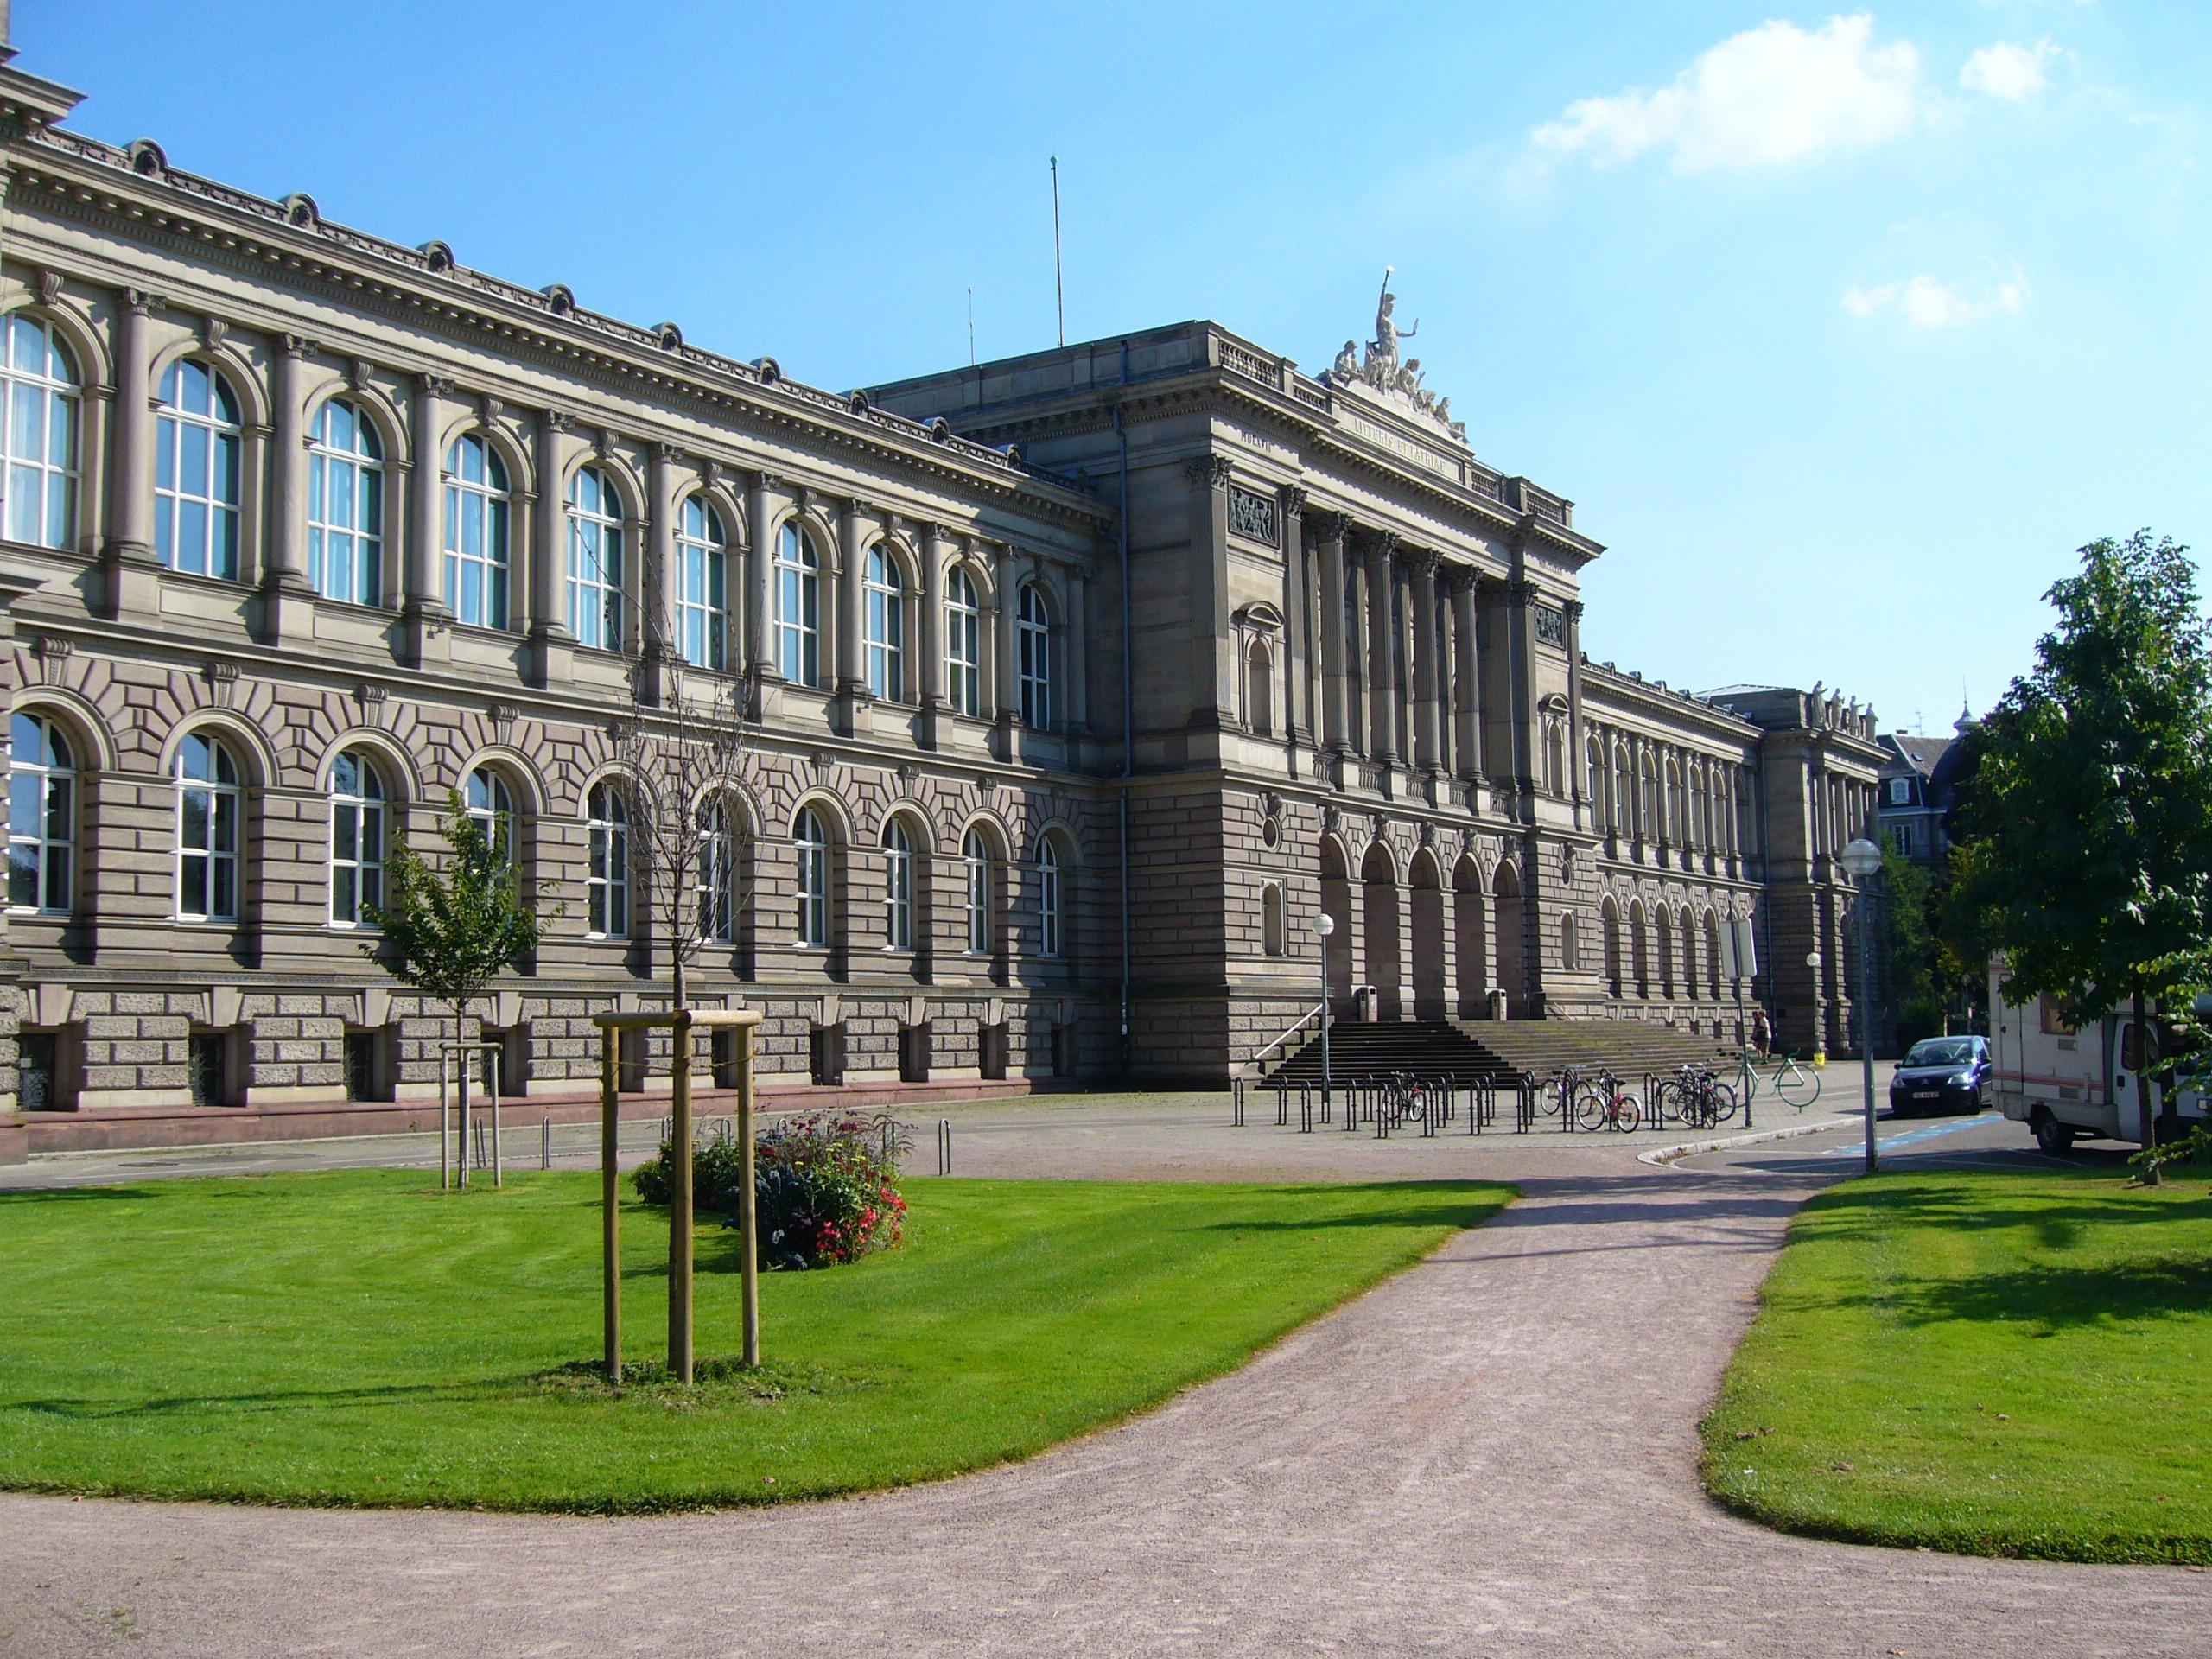 افضل جامعات علم الأحياء والكيمياء الحيوية في فرنسا - جامعة ستراسبورغ